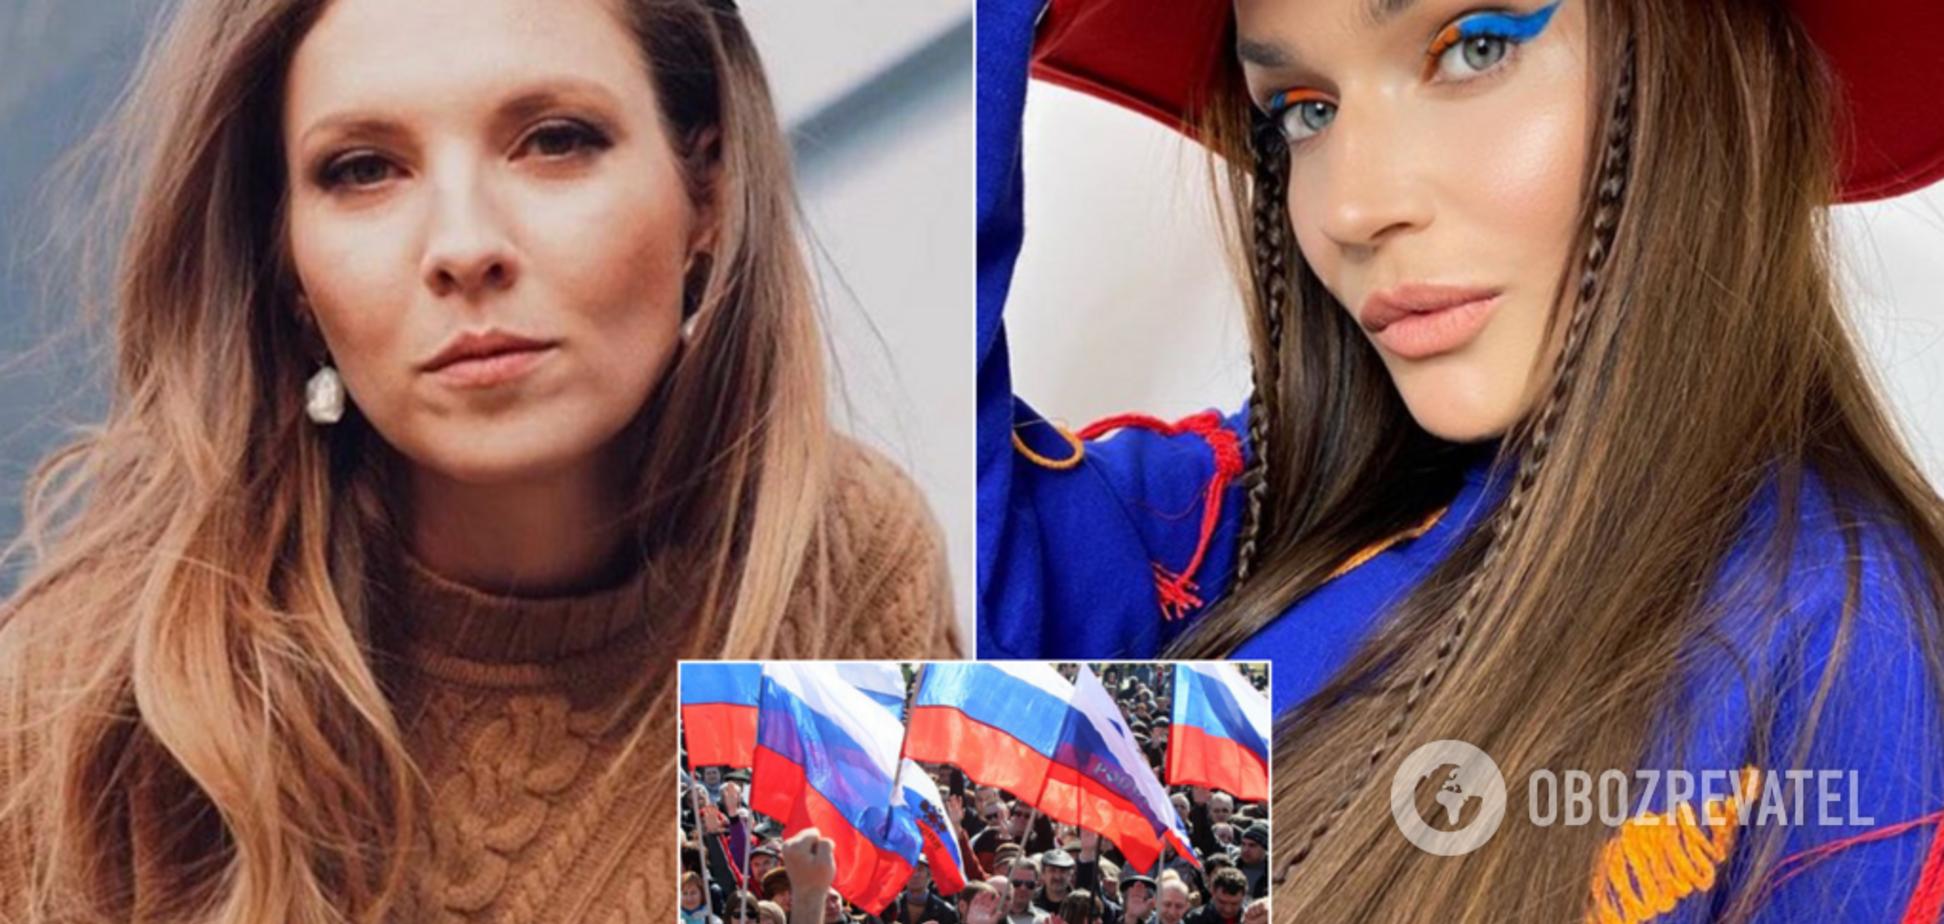 Скабєєва і Водонаєва публічно посварилися через 'зубожіле бидло' в Росії: подробиці